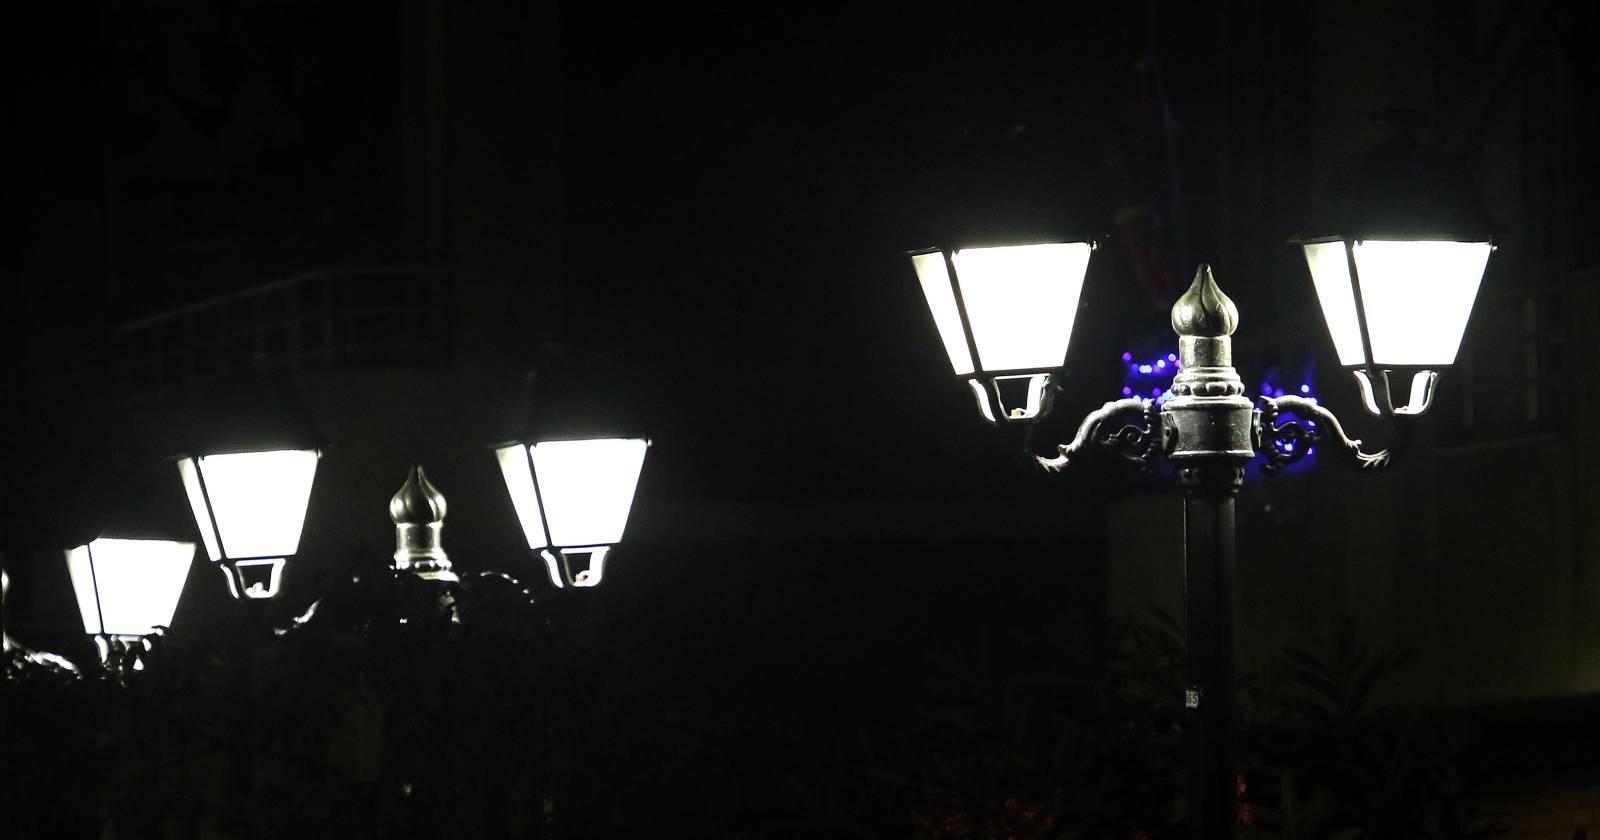 Escándalo por licitación de luminarias LED: empresa se ha adjudicado más de $56 mil millones para trabajos en 67 municipios